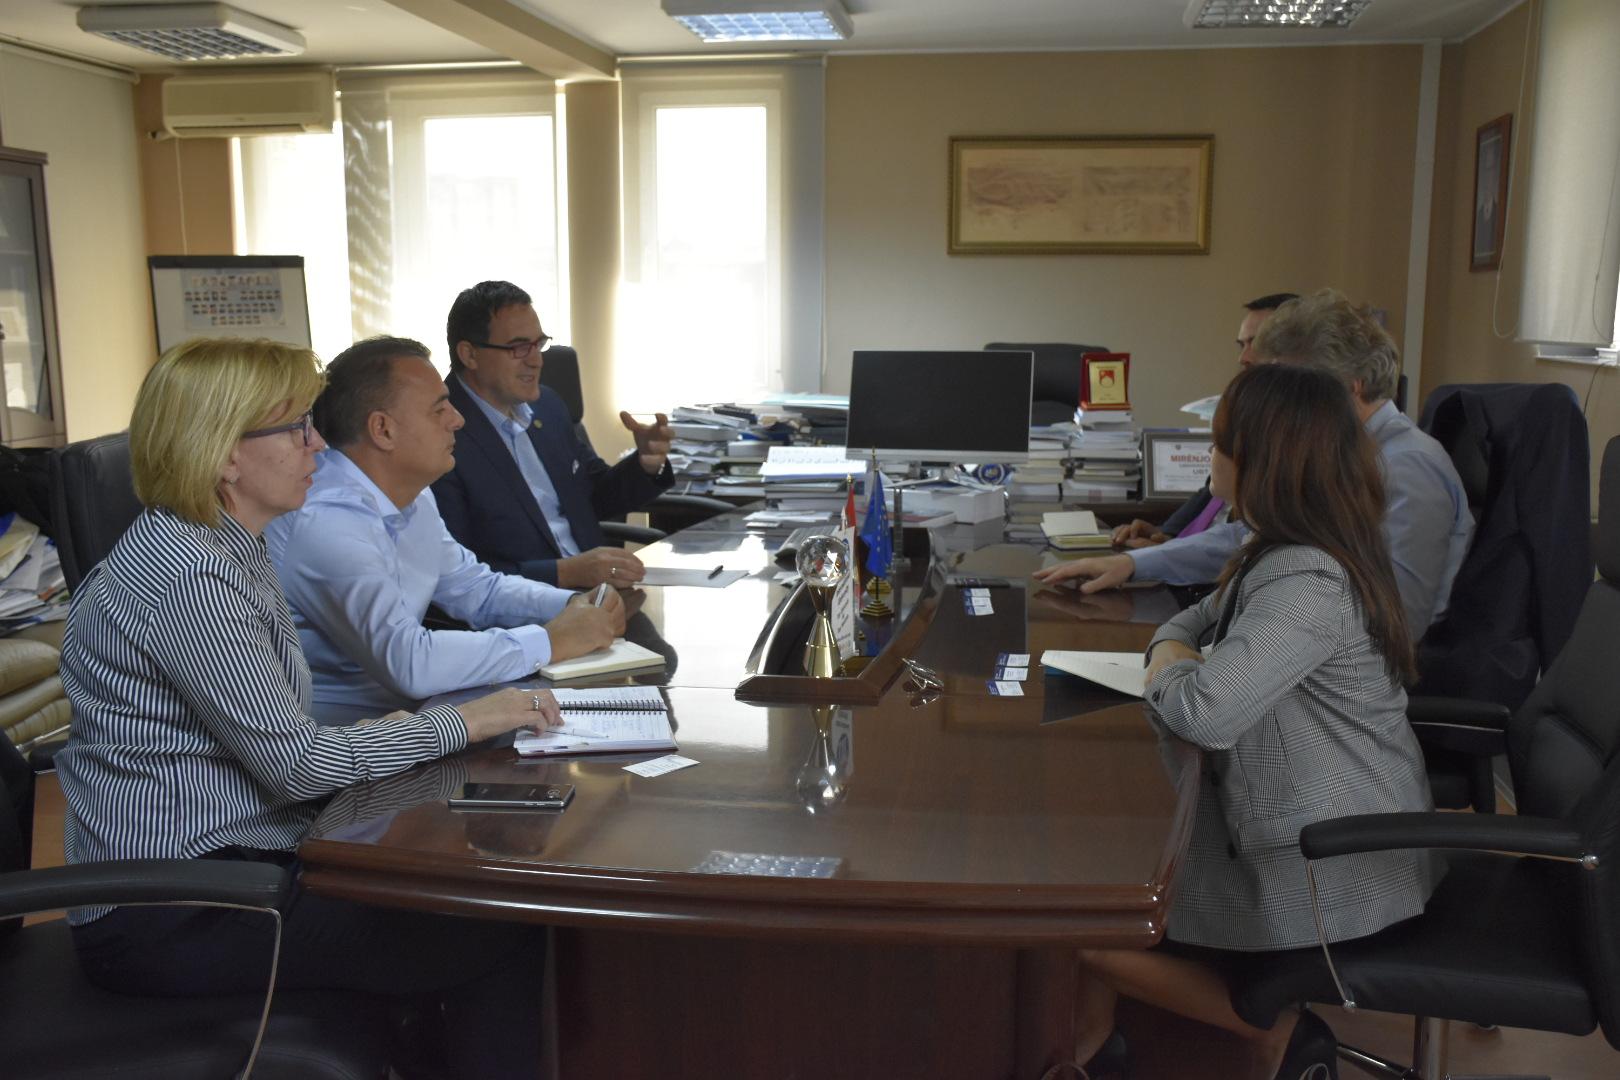 Zv. ambasadori gjerman dhe përfaqësuesja e OEGJK-së vizituan UBT-në